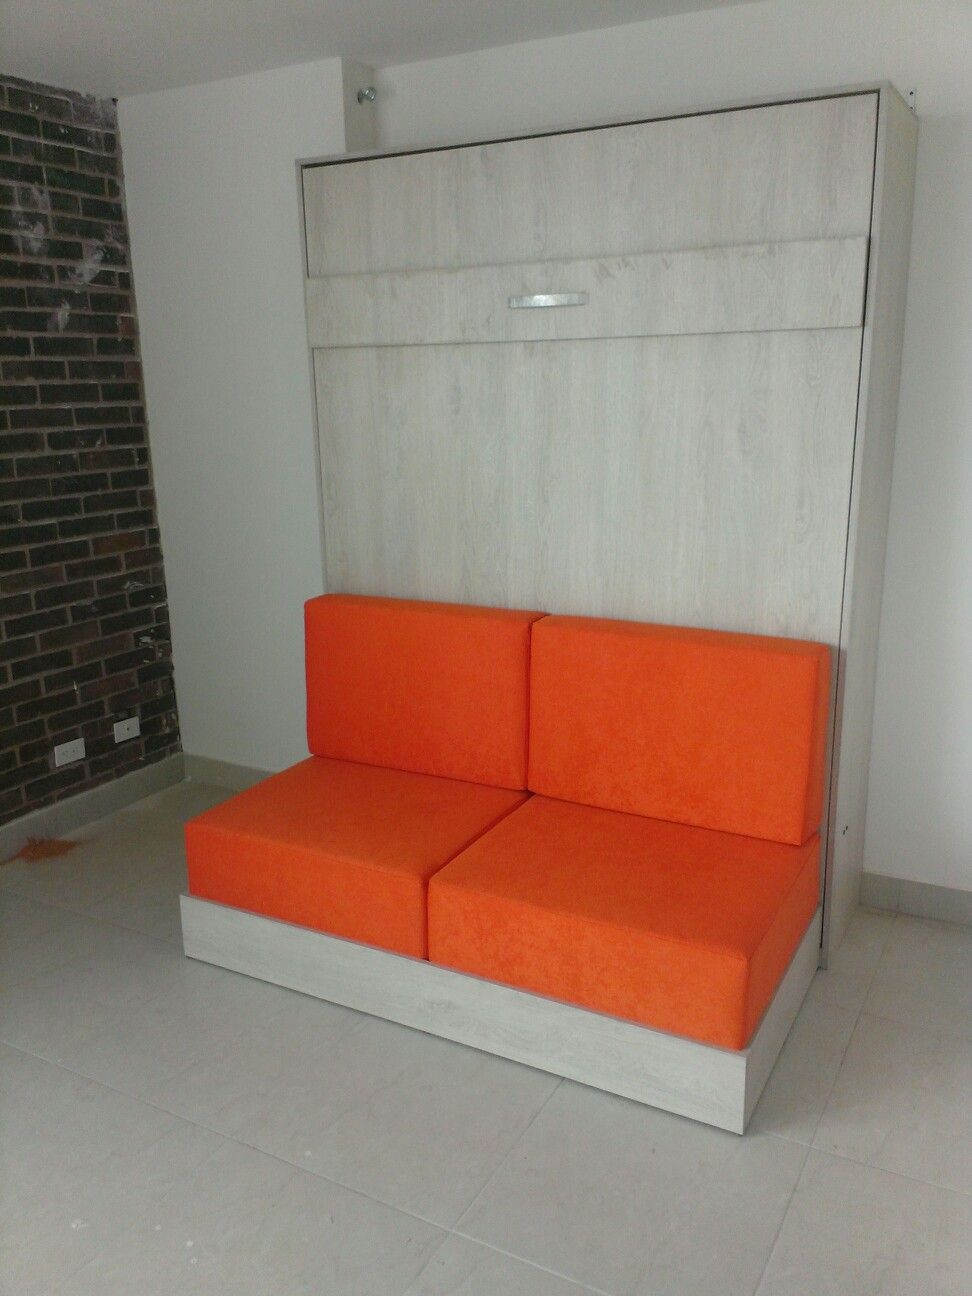 cama abatible vertical con sofa de 2 puestos, muebles funcionales ...